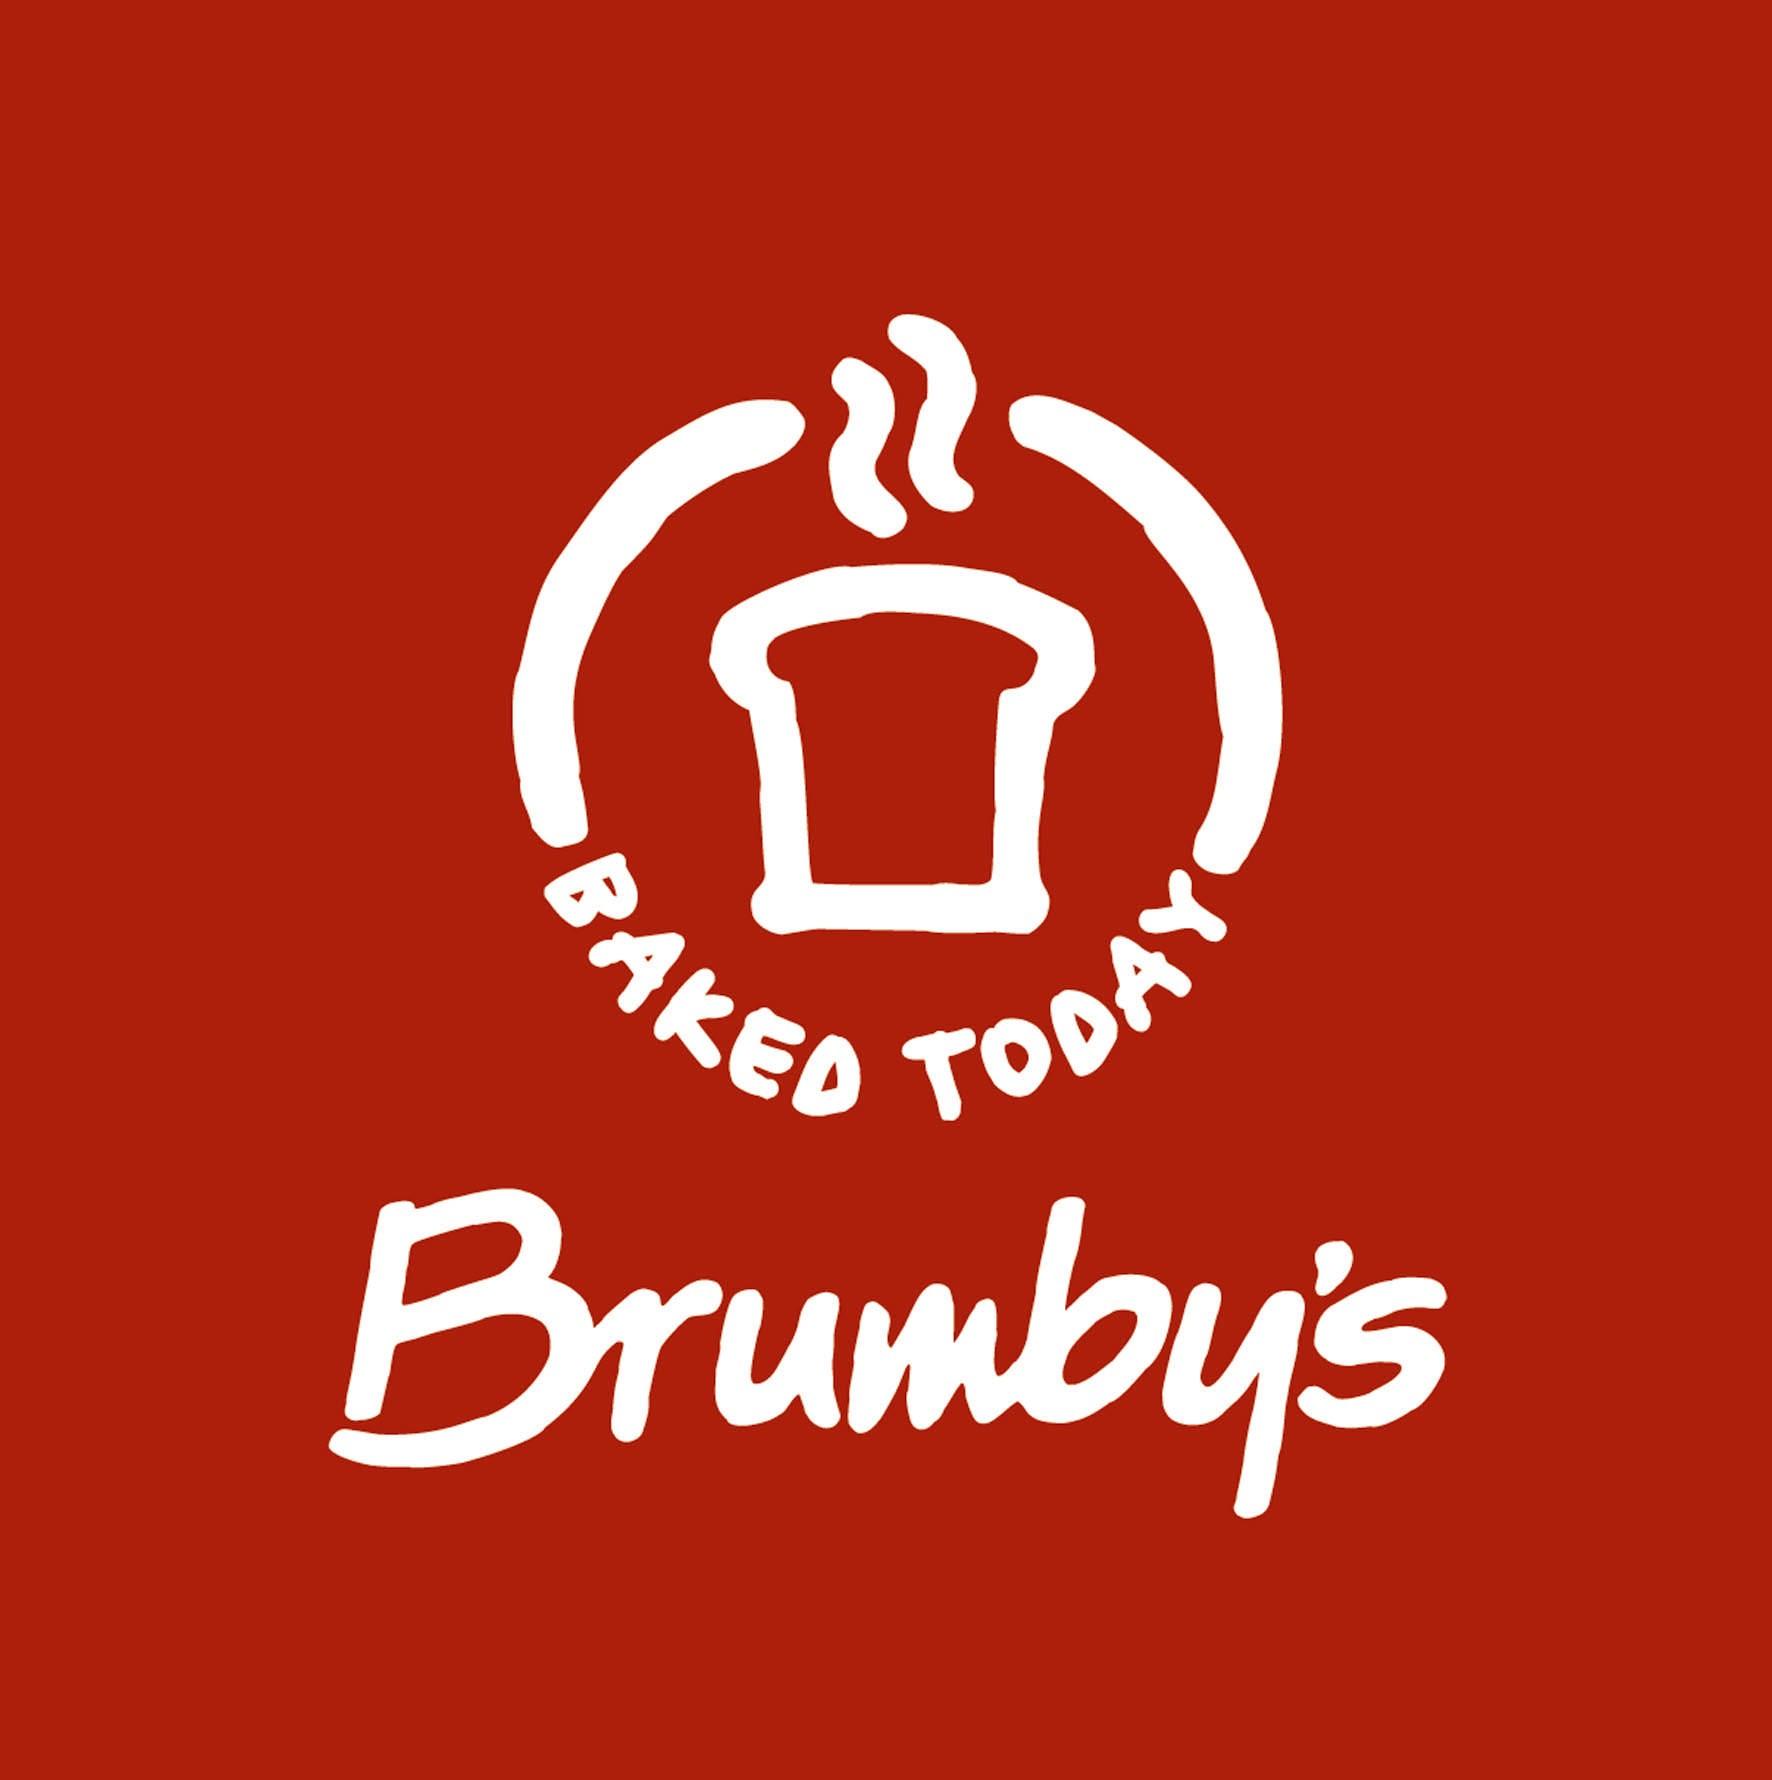 BrumbysLogo.jpg